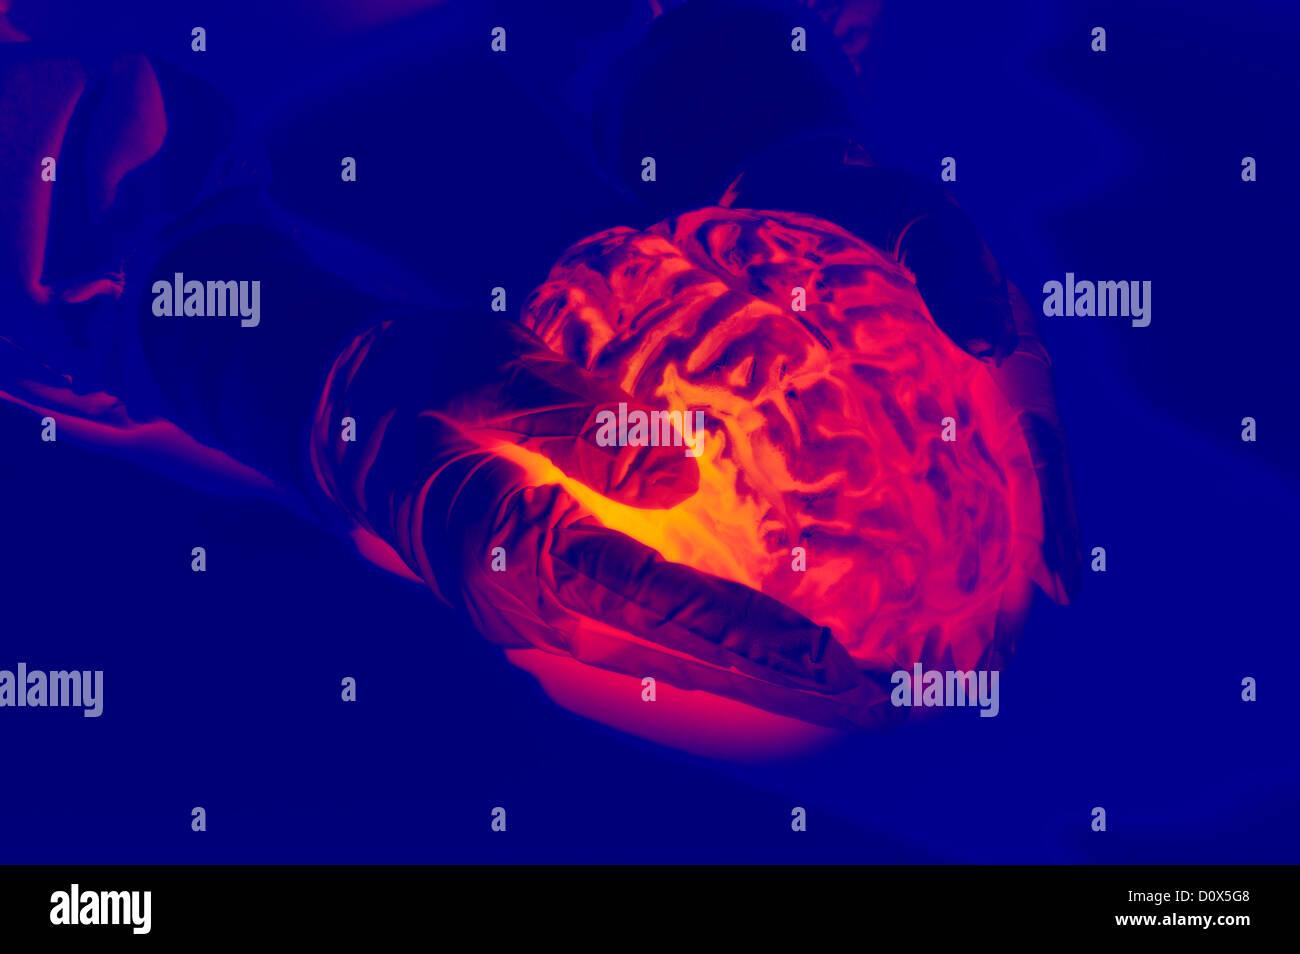 Les mains gantées générée par ordinateur holding cerveau humain résumé Photo Stock